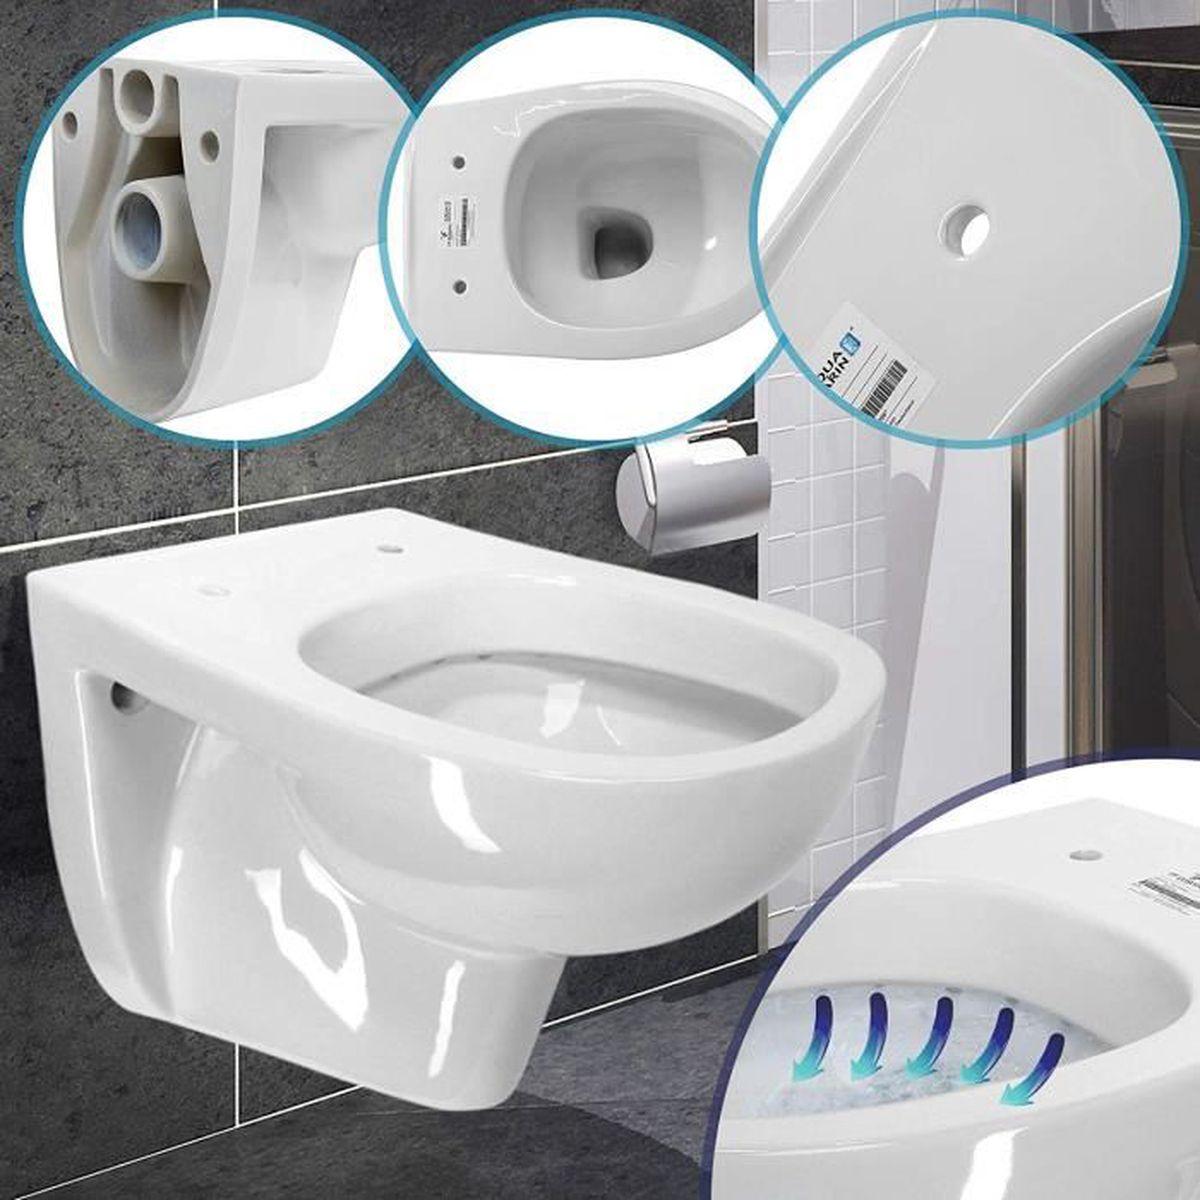 Monter Des Toilettes Suspendues toilette suspendue   37 x 35 x 49,5 cm, céramique, murale